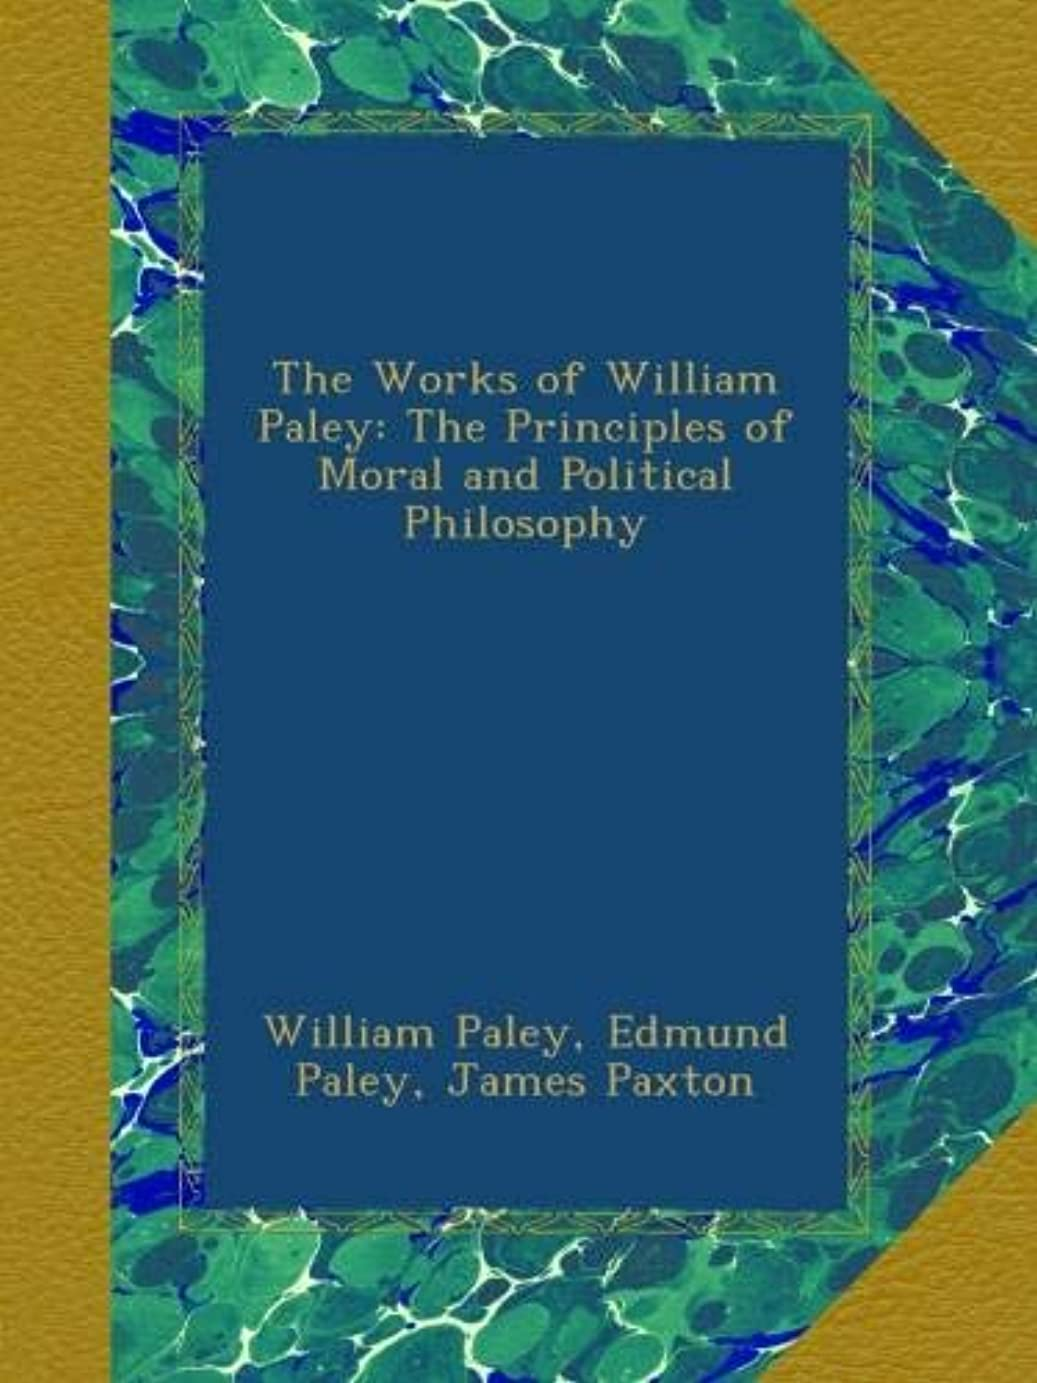 豊富テンポ埋め込むThe Works of William Paley: The Principles of Moral and Political Philosophy